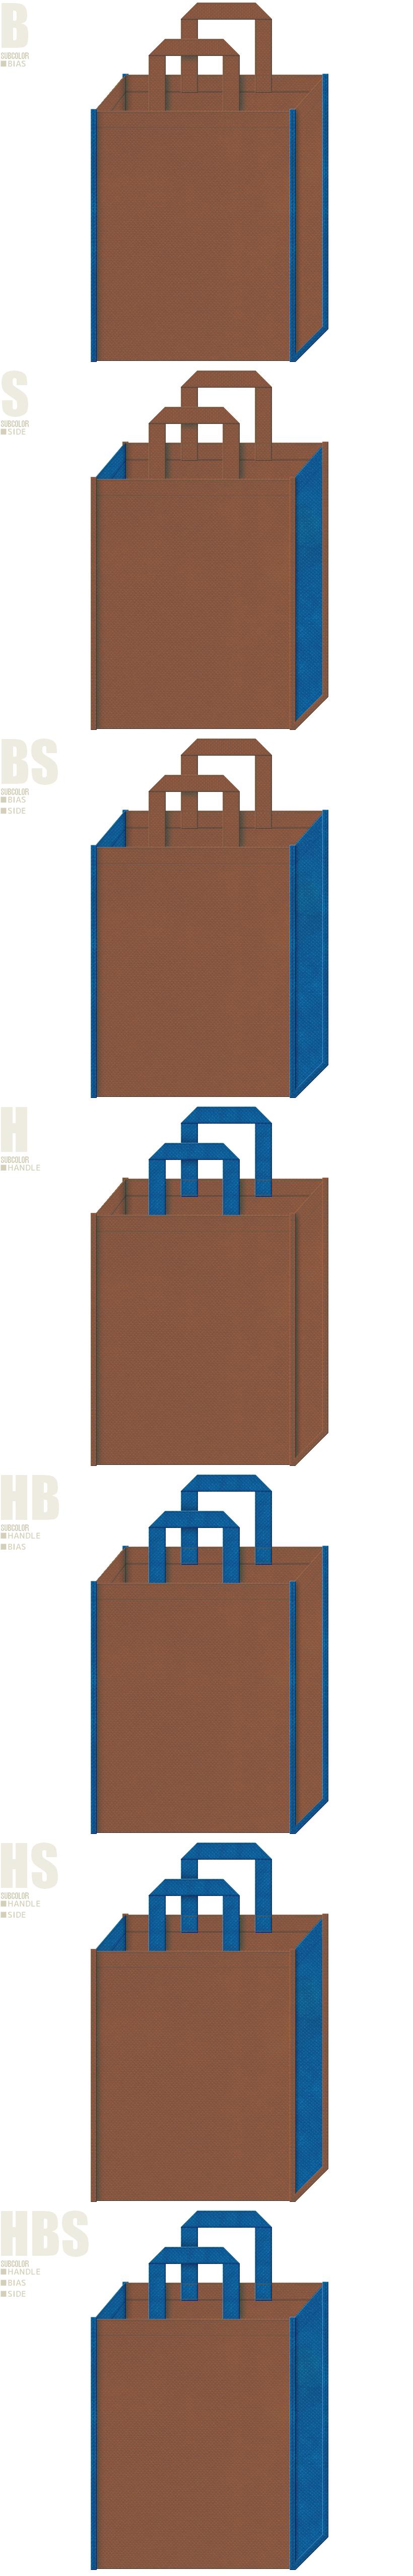 父の日イベント・地球・温暖化対策・環境イベント・環境セミナーにお奨めの不織布バッグデザイン:茶色と青色の配色7パターン